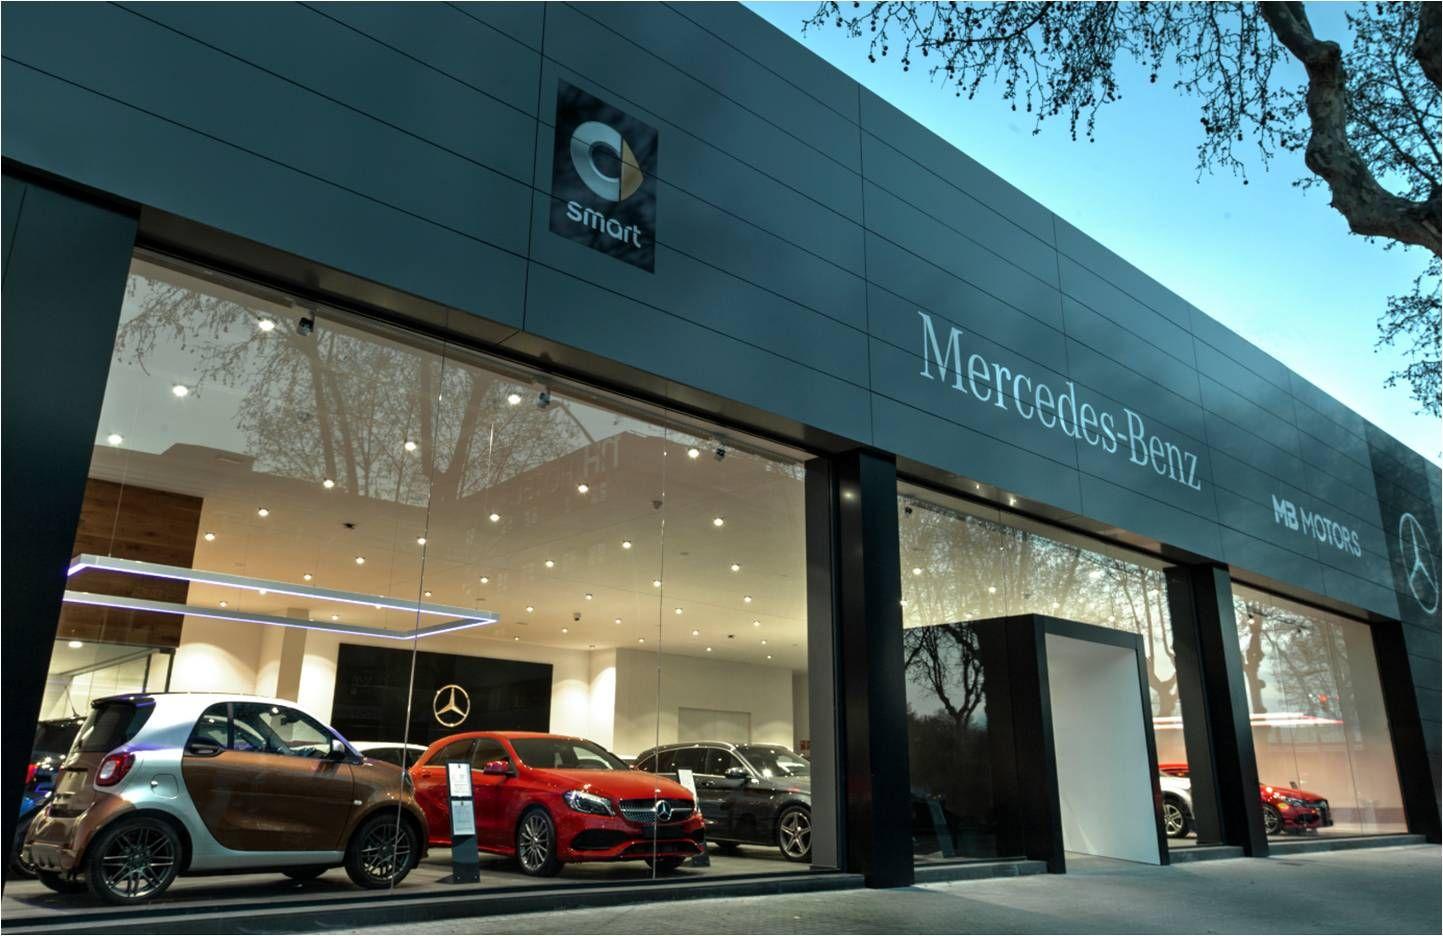 Empresas: MB MOTORS La Maquinista: un nuevo sistema de atención al cliente de MERCEDES-BENZ | Autor del artículo: Finanzas.com